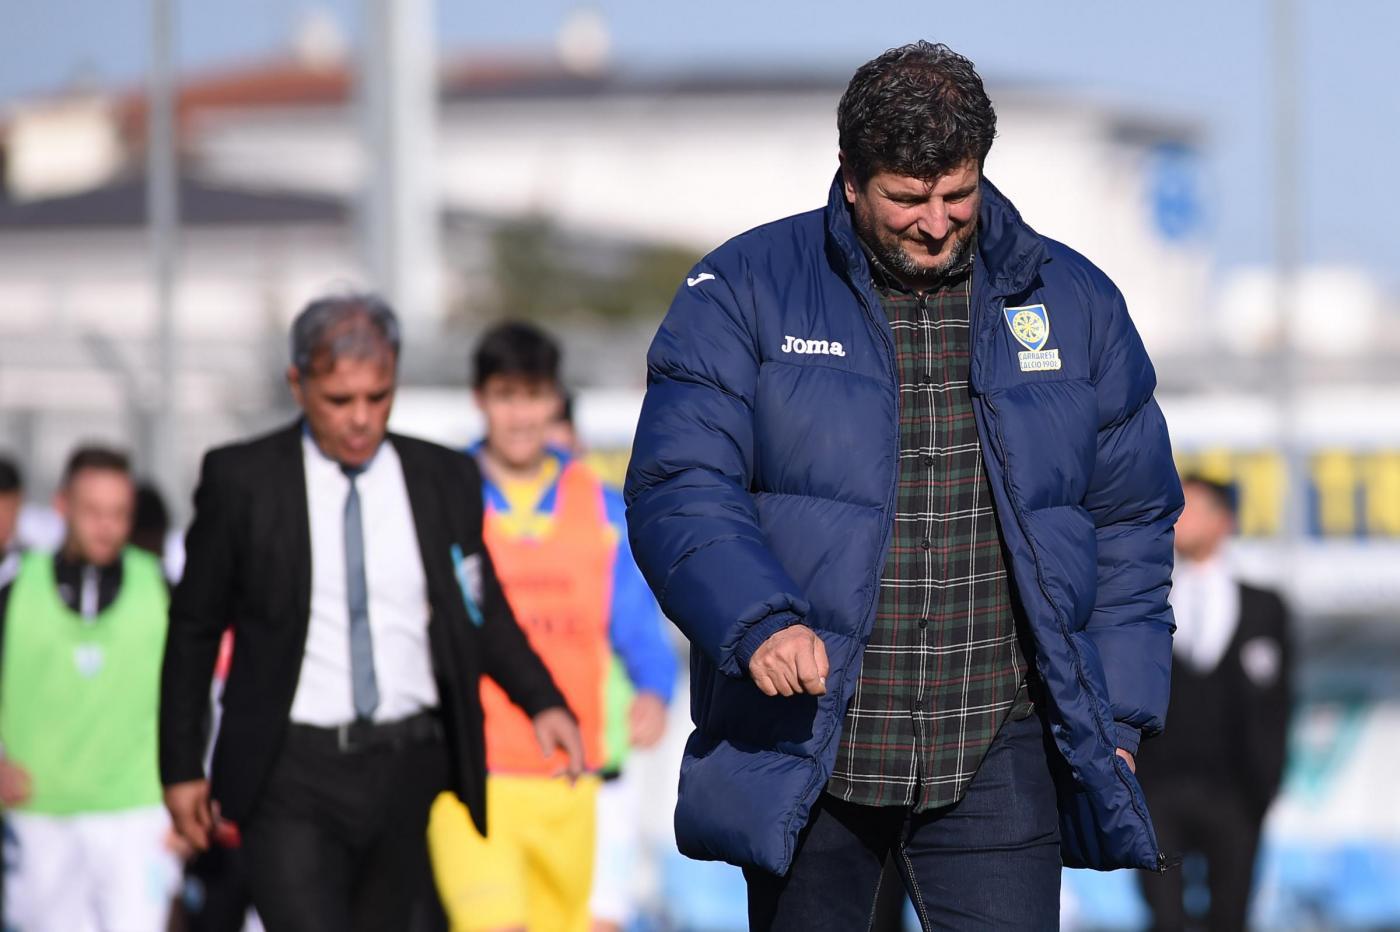 Serie C, Lucchese-Carrarese 27 settembre: analisi e pronostico della giornata della terza divisione calcistica italiana